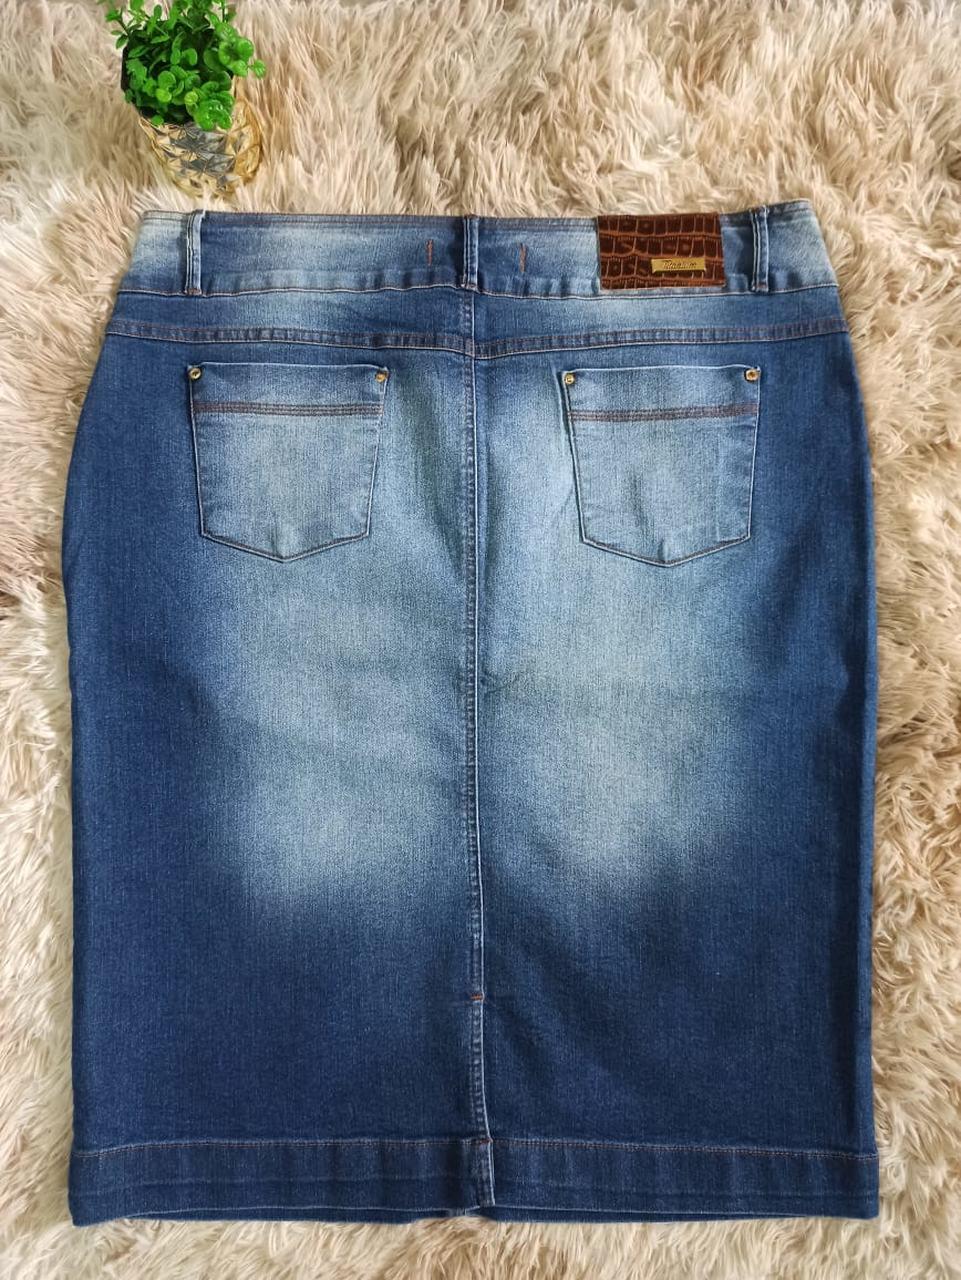 Saia Jeans Com Detalhe Em Ziper No Bolso - Titanium